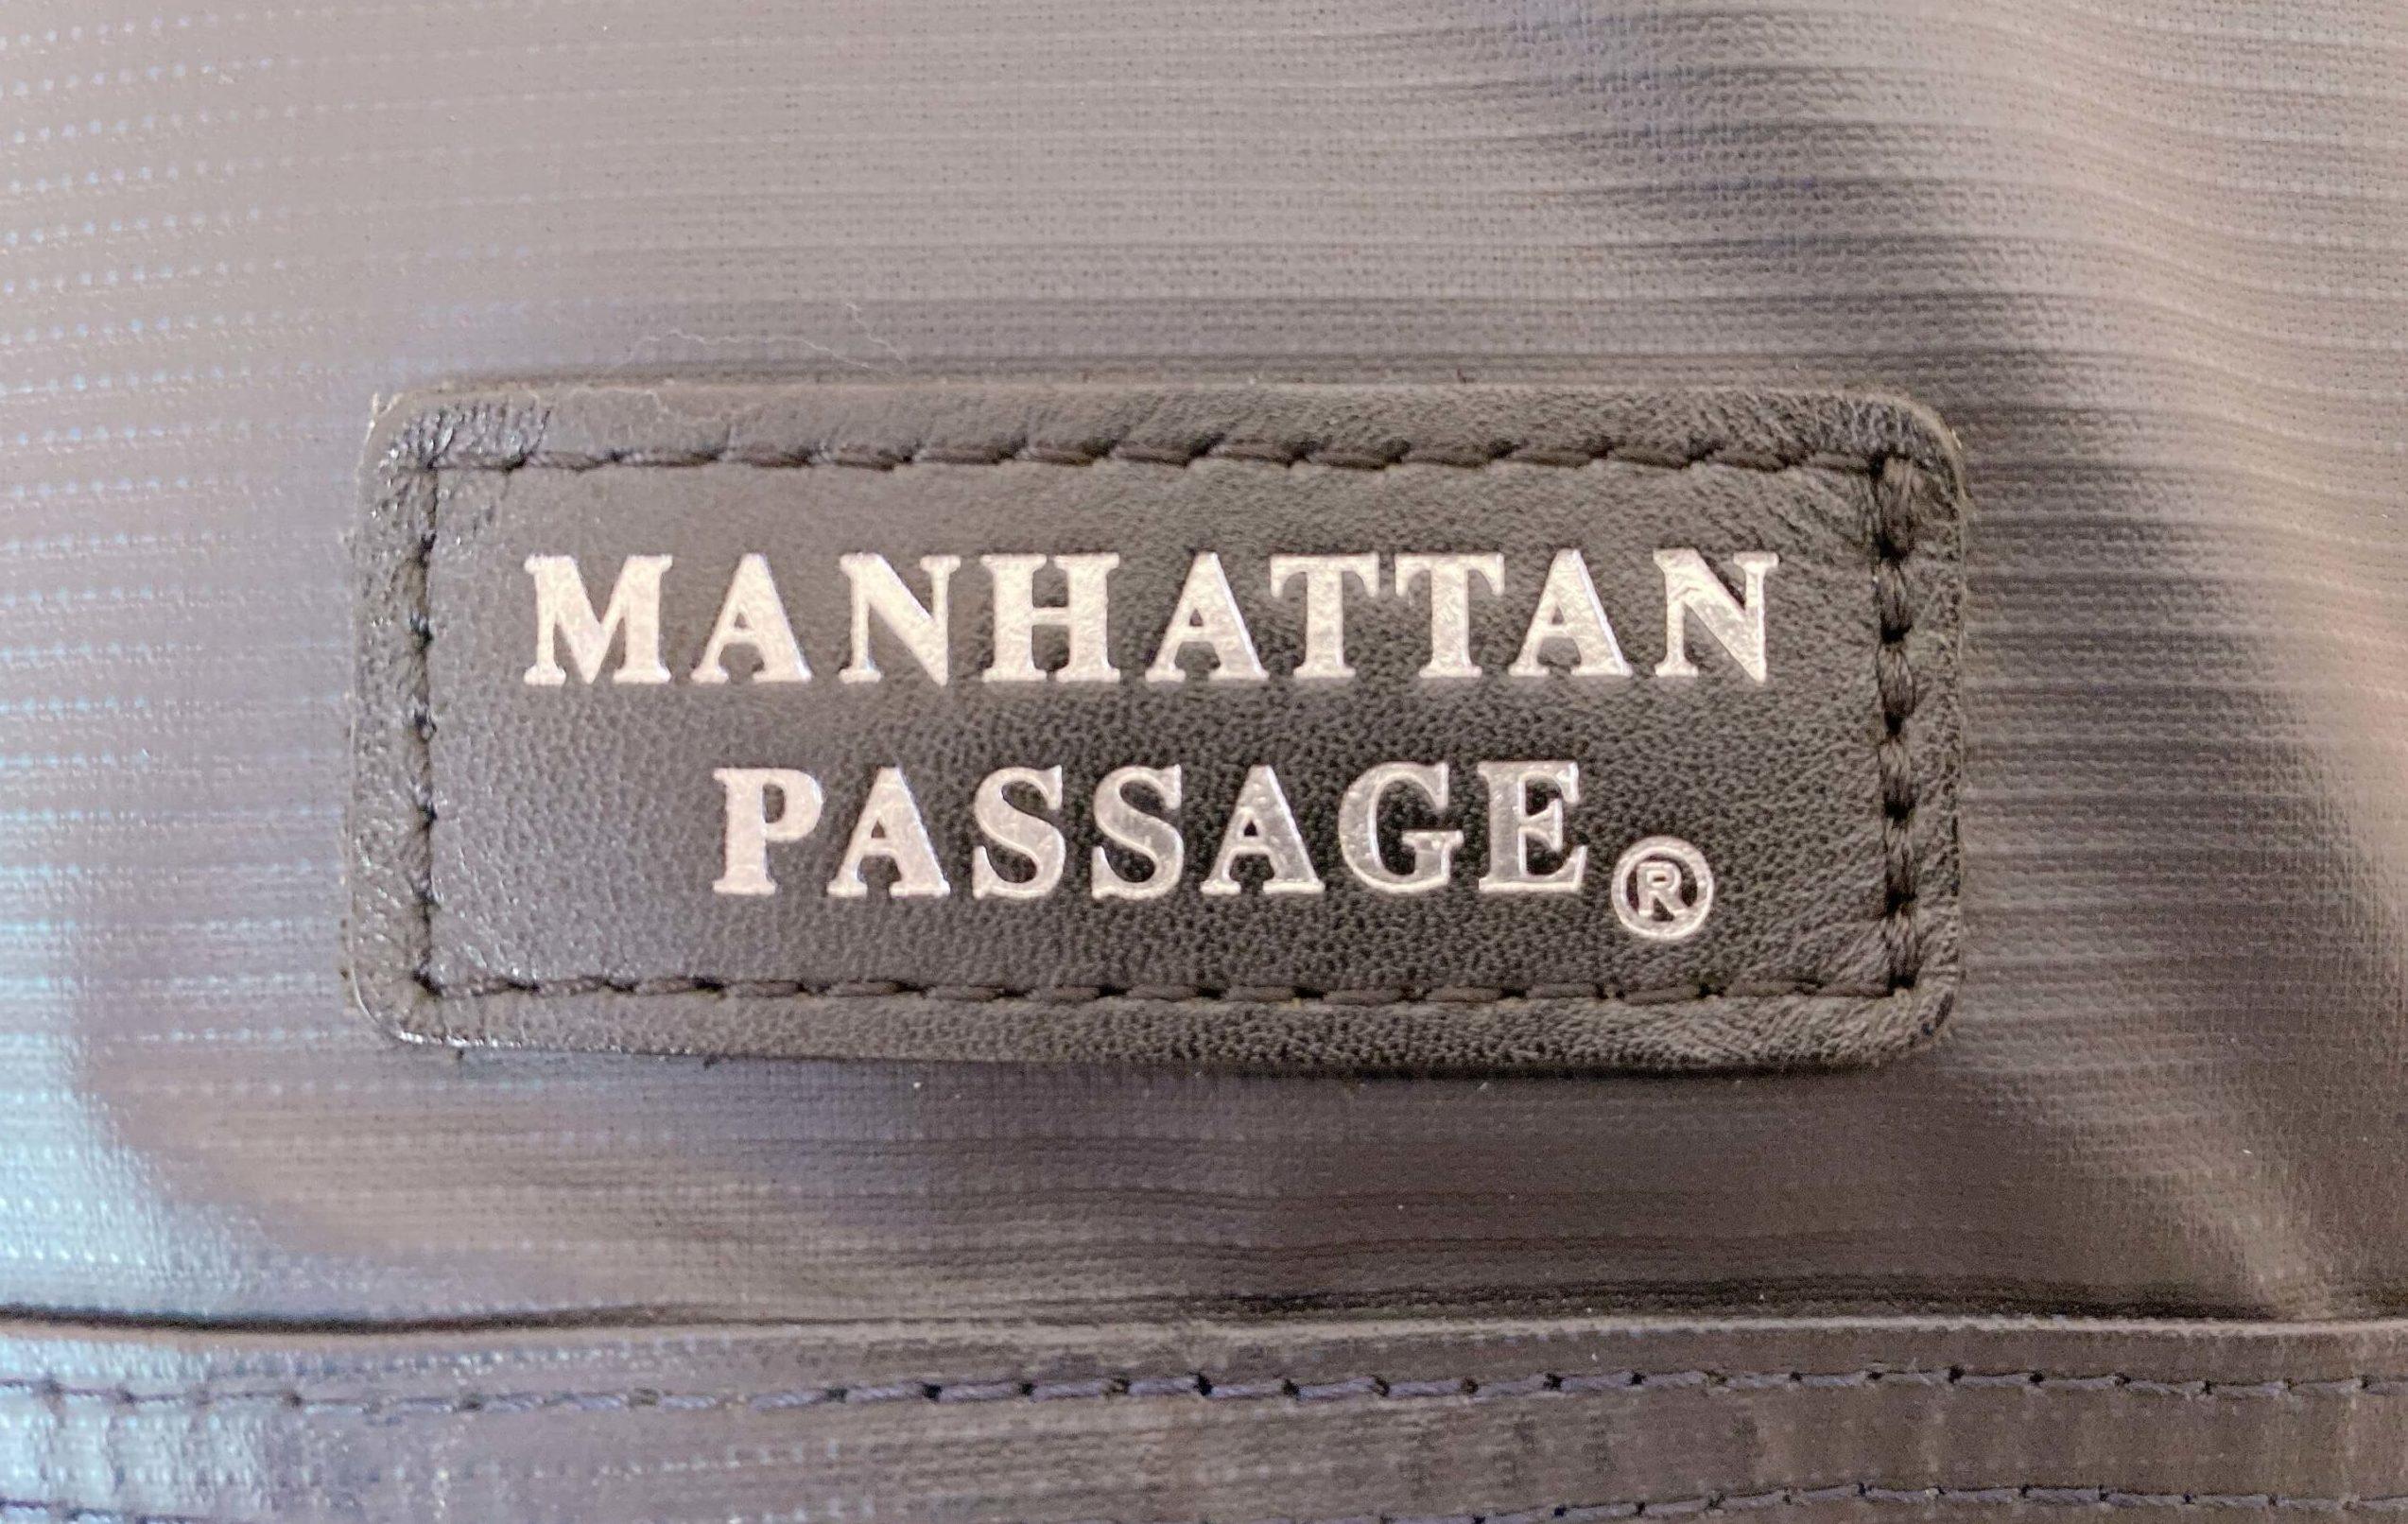 マンハッタンパッセージを3年間使用したときのロゴの経年変化